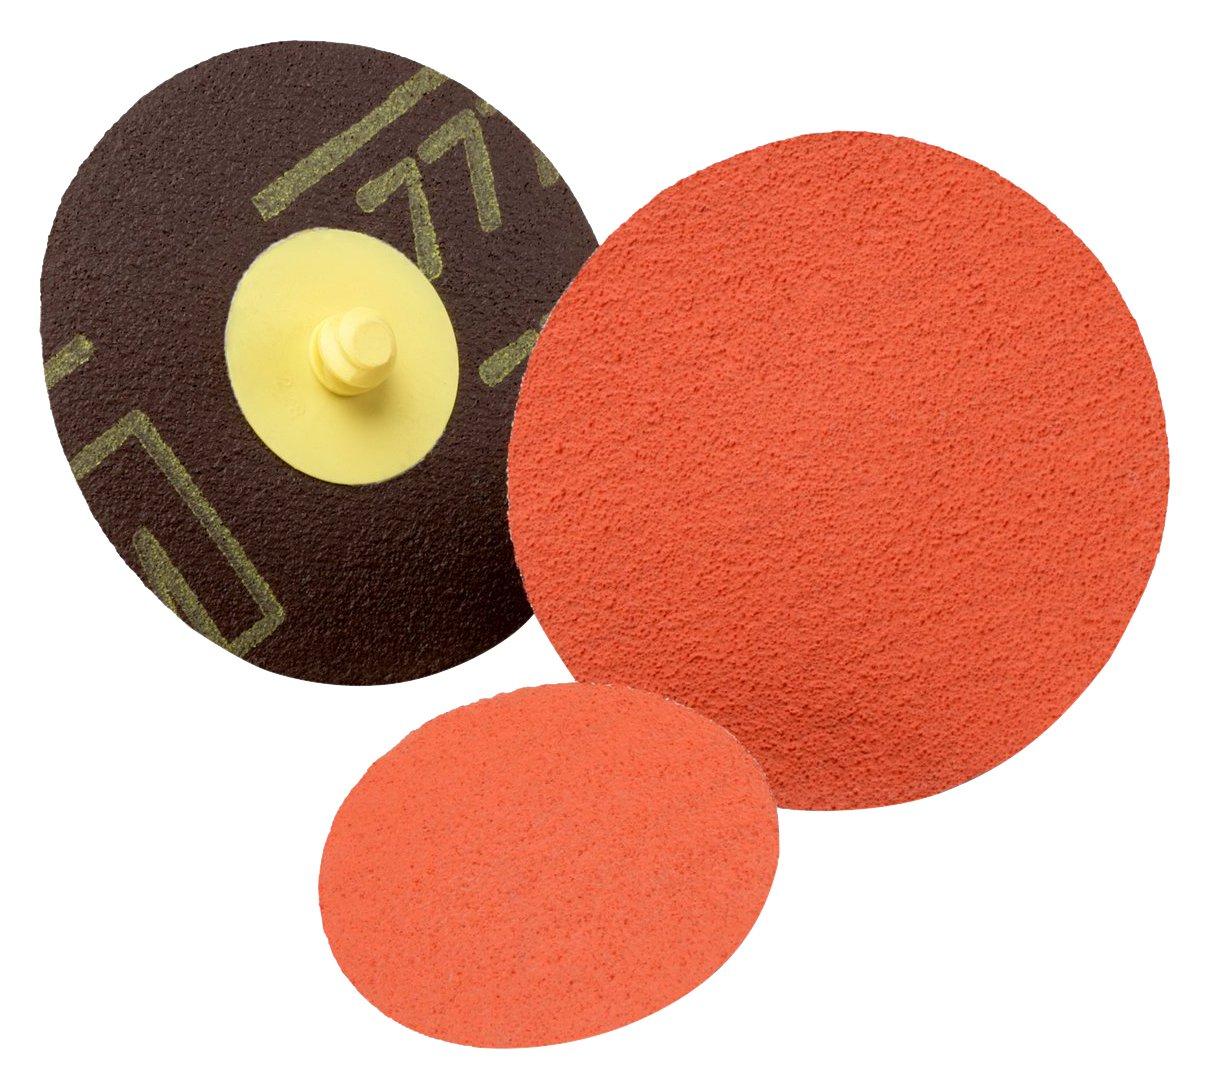 Abrasive Grit 1-1//2 80 YF-weight 1.5 Diameter 30000 Rpm 3M Roloc 76773 RolocDisc TP 777F 1.5 Diameter 1-1//2 80 YF-weight Pack of 50